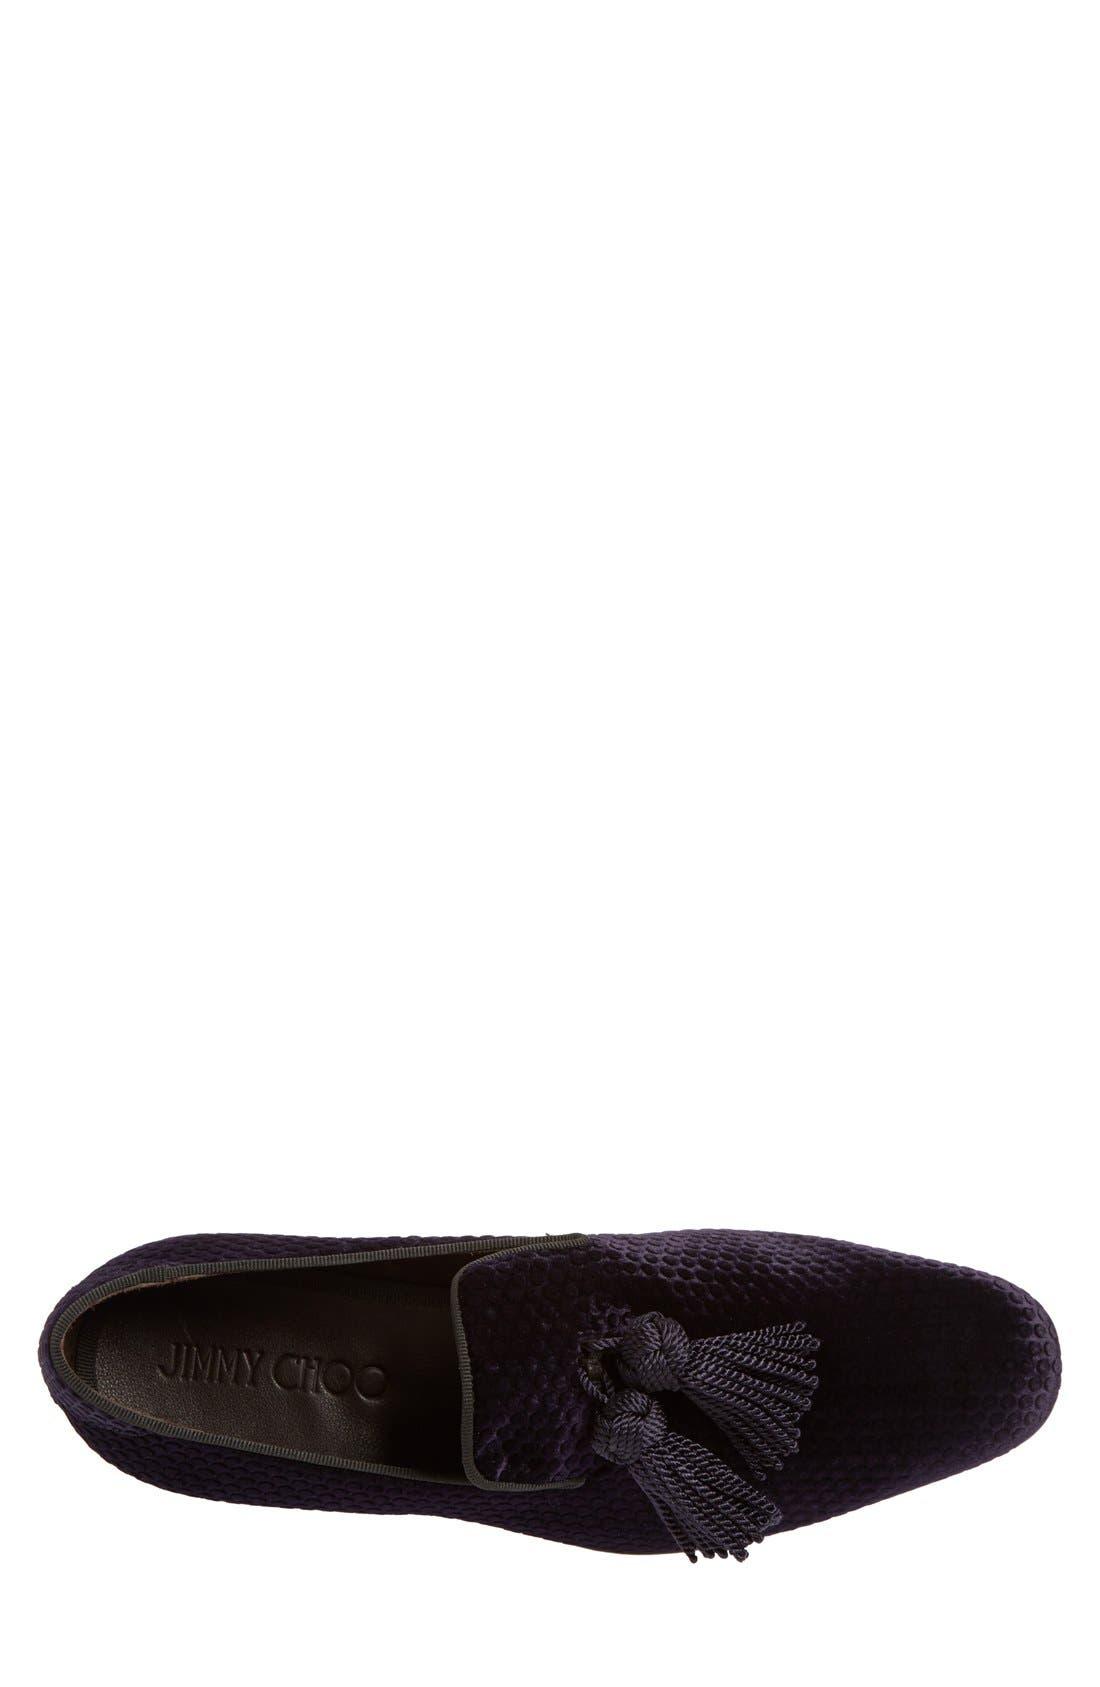 Alternate Image 3  - Jimmy Choo 'Foxley' Velvet Tassel Loafer (Men)